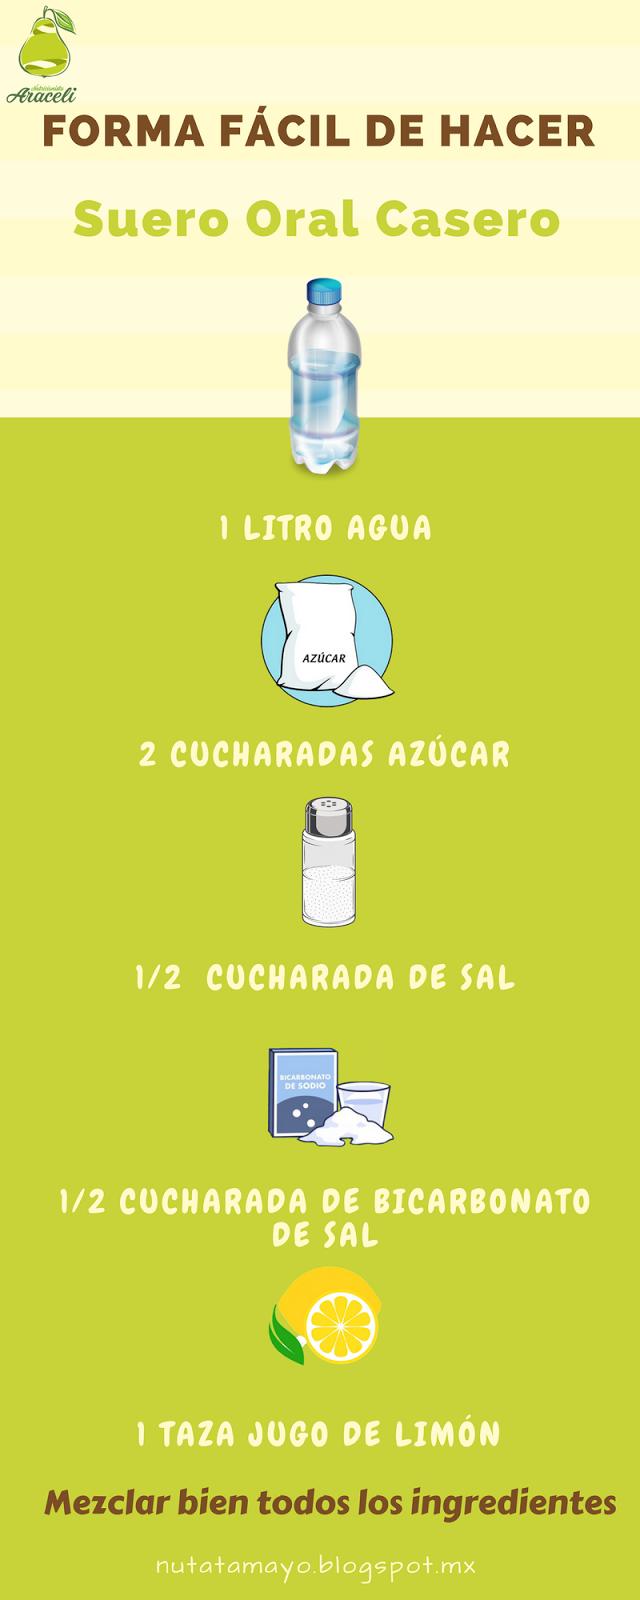 como se prepara suero oral en casa